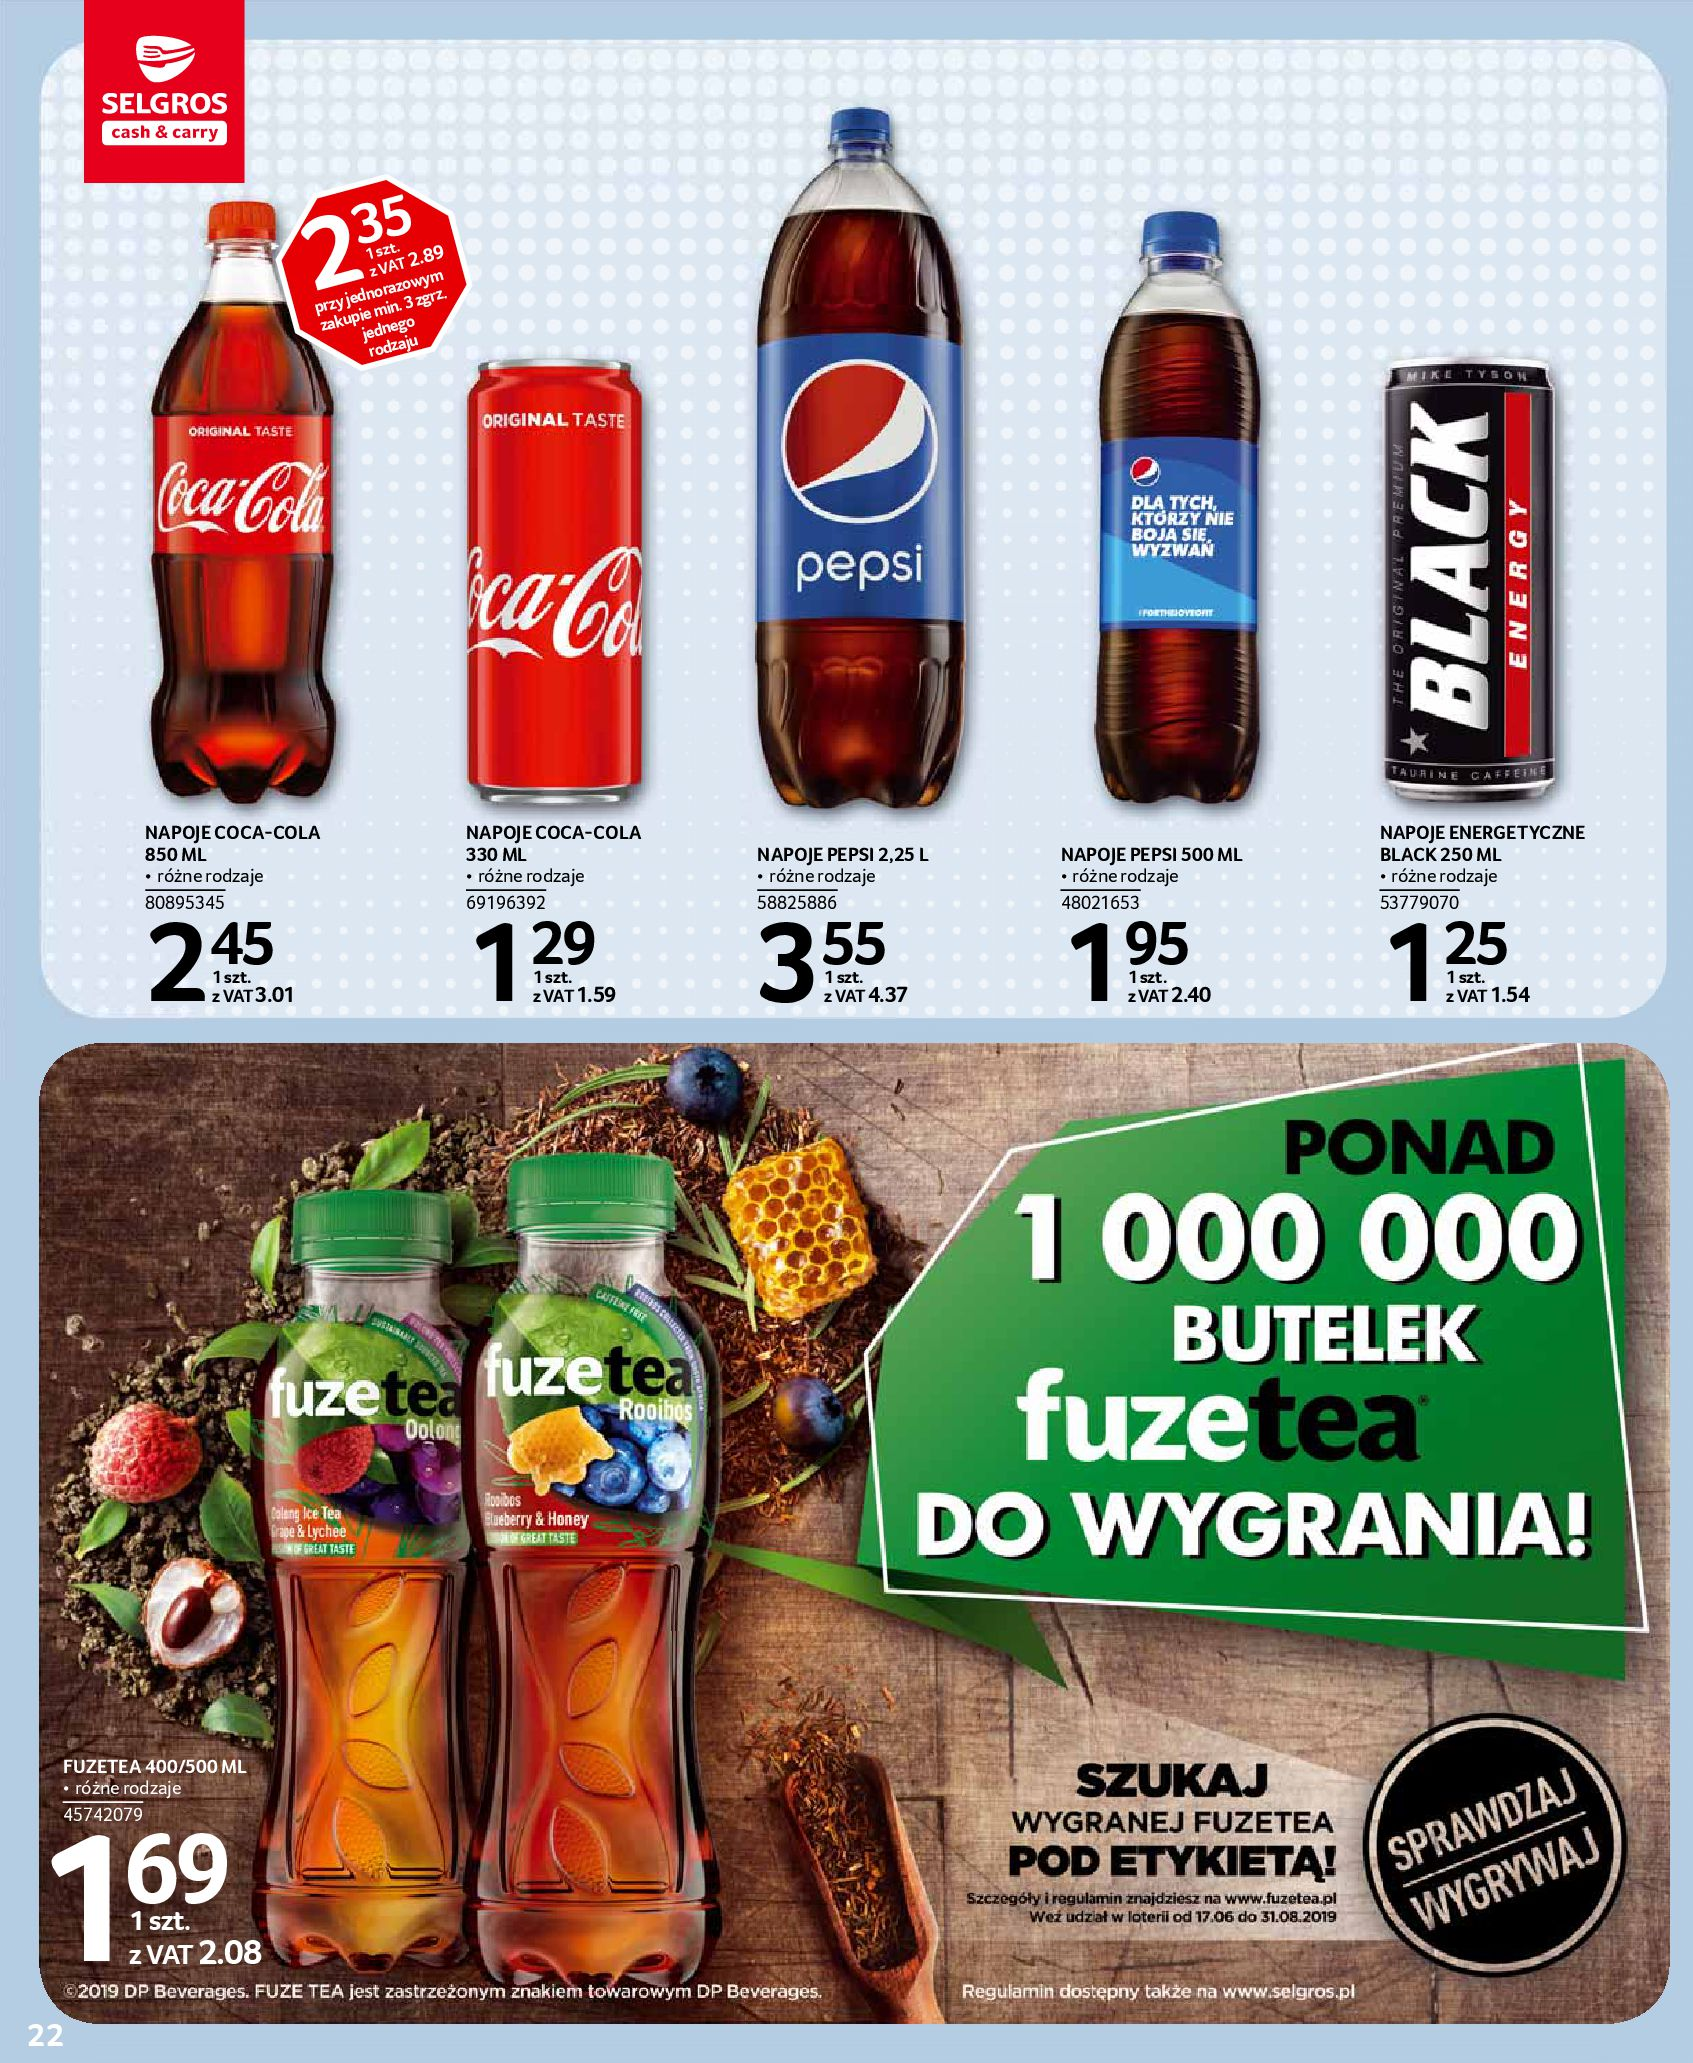 Gazetka Selgros - Oferta spożywcza-13.08.2019-28.08.2019-page-22